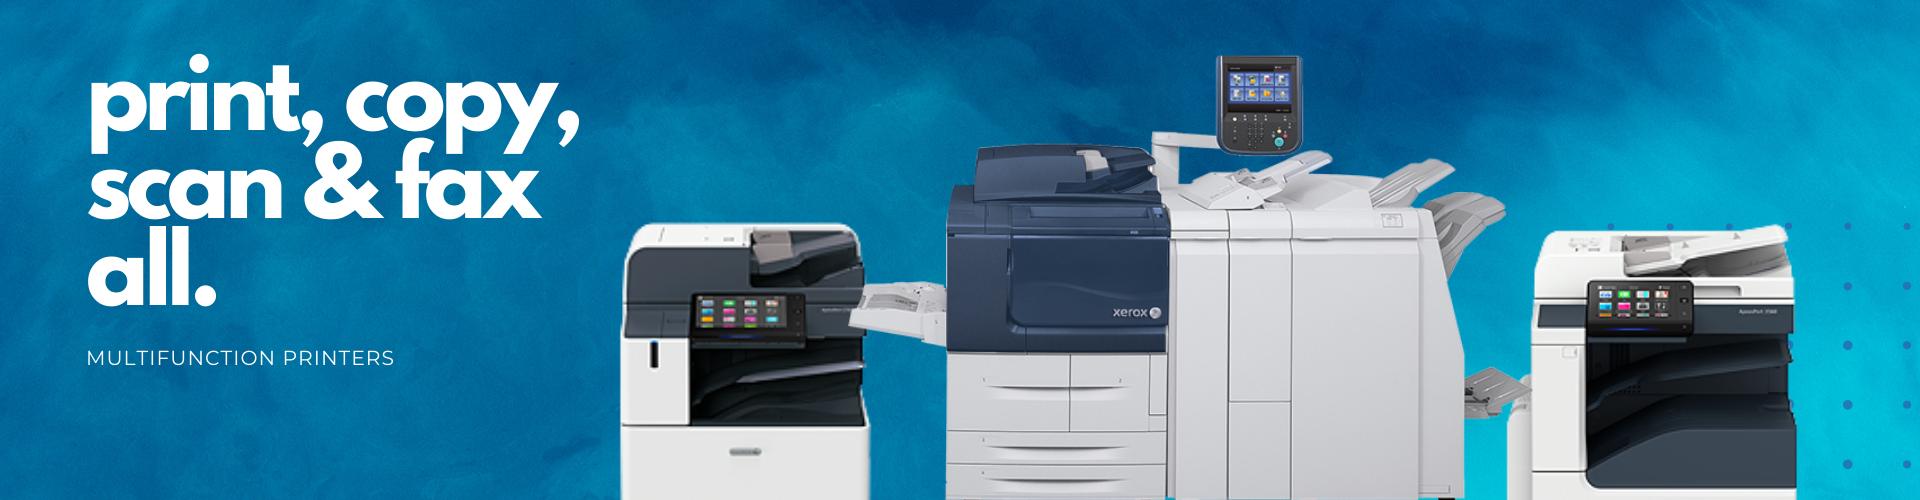 rent photocopy copier printer sky 9 innovation